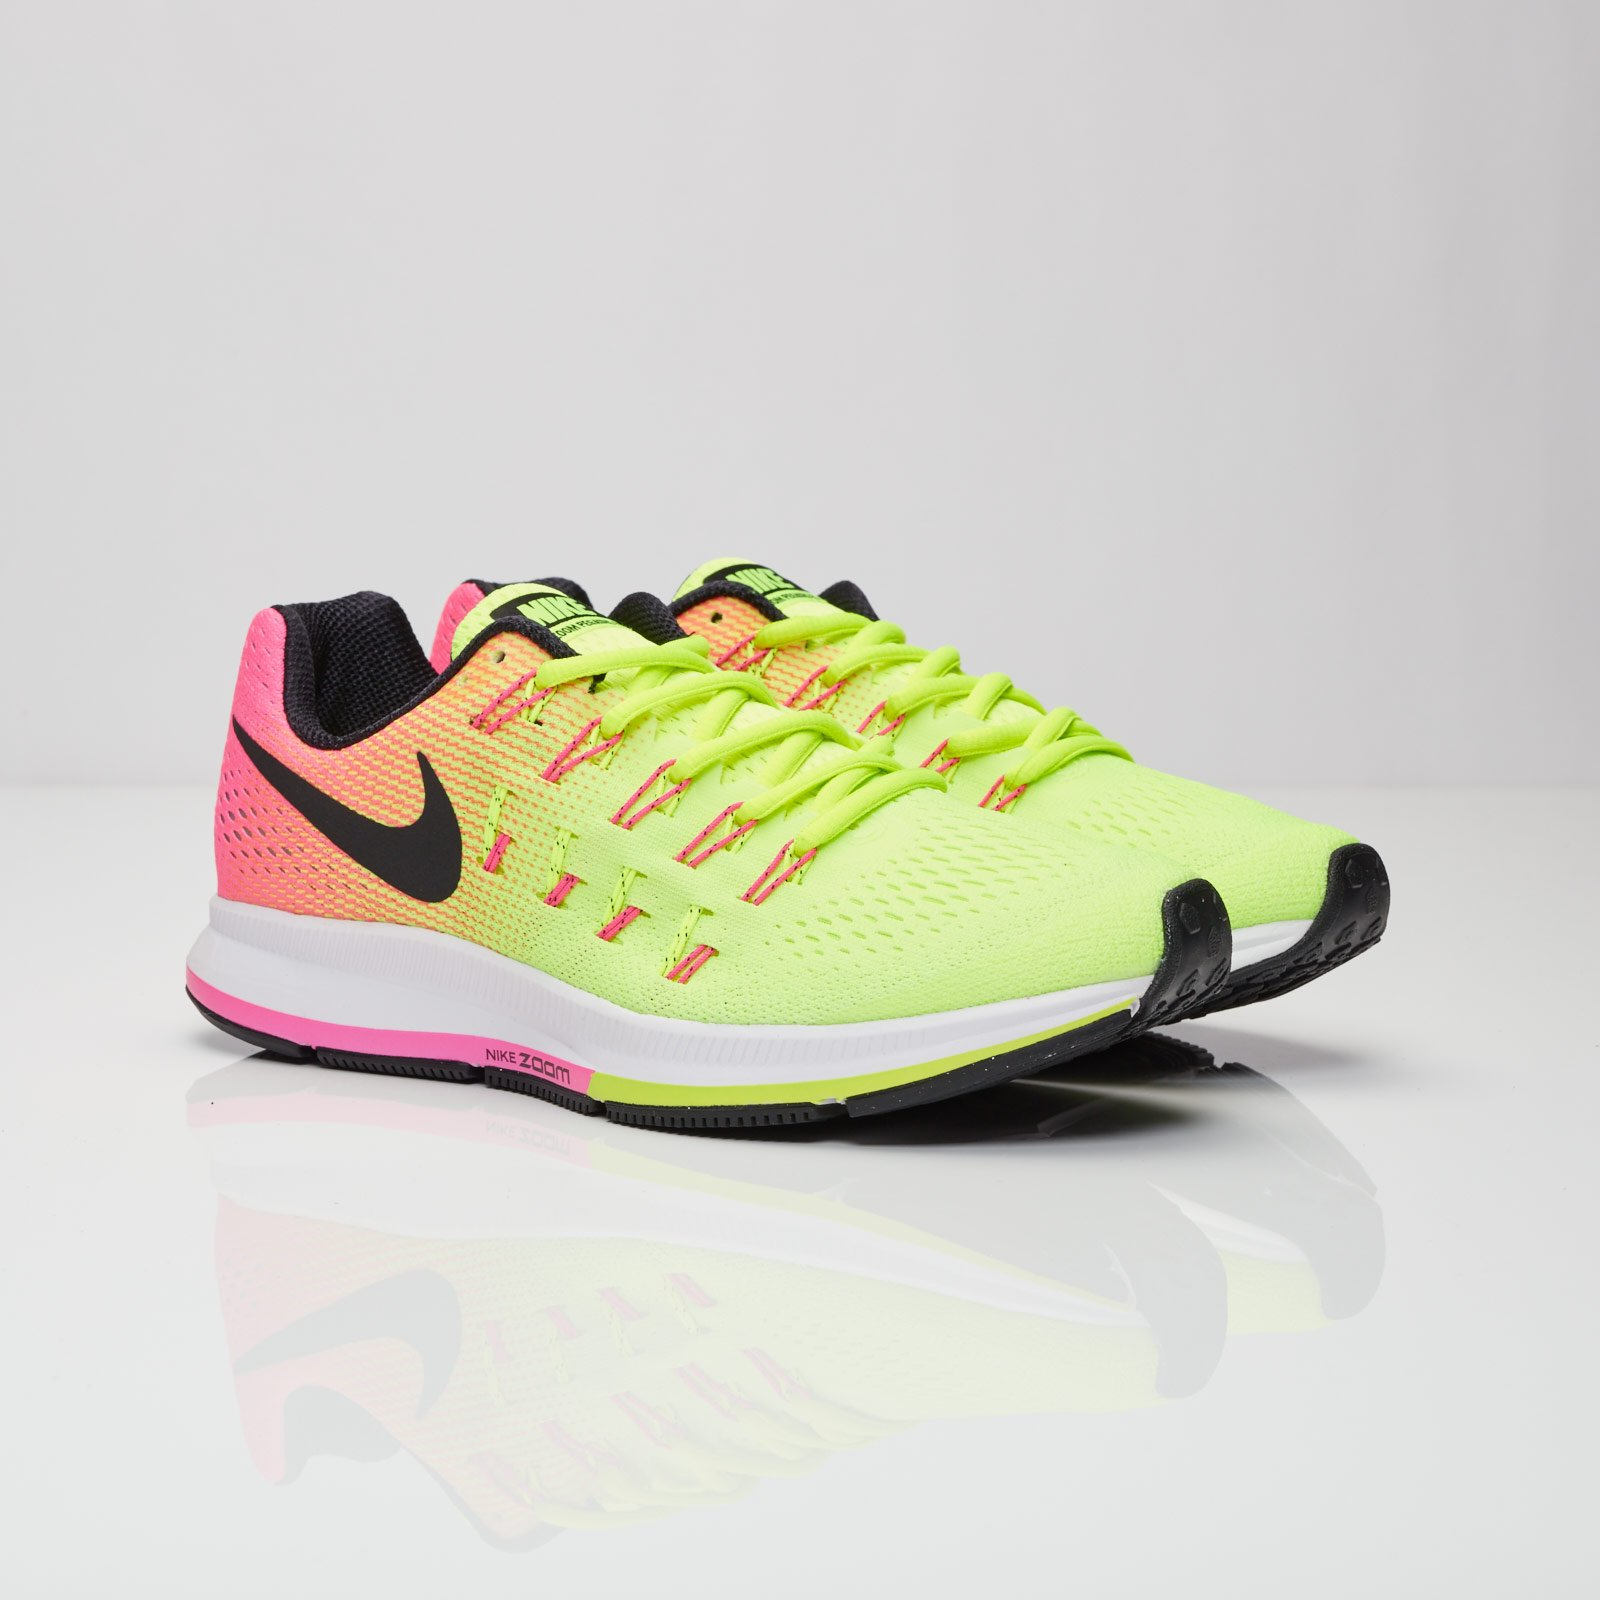 new product 5756b 810c0 Nike Wmns Air Zoom Pegasus 33 OC